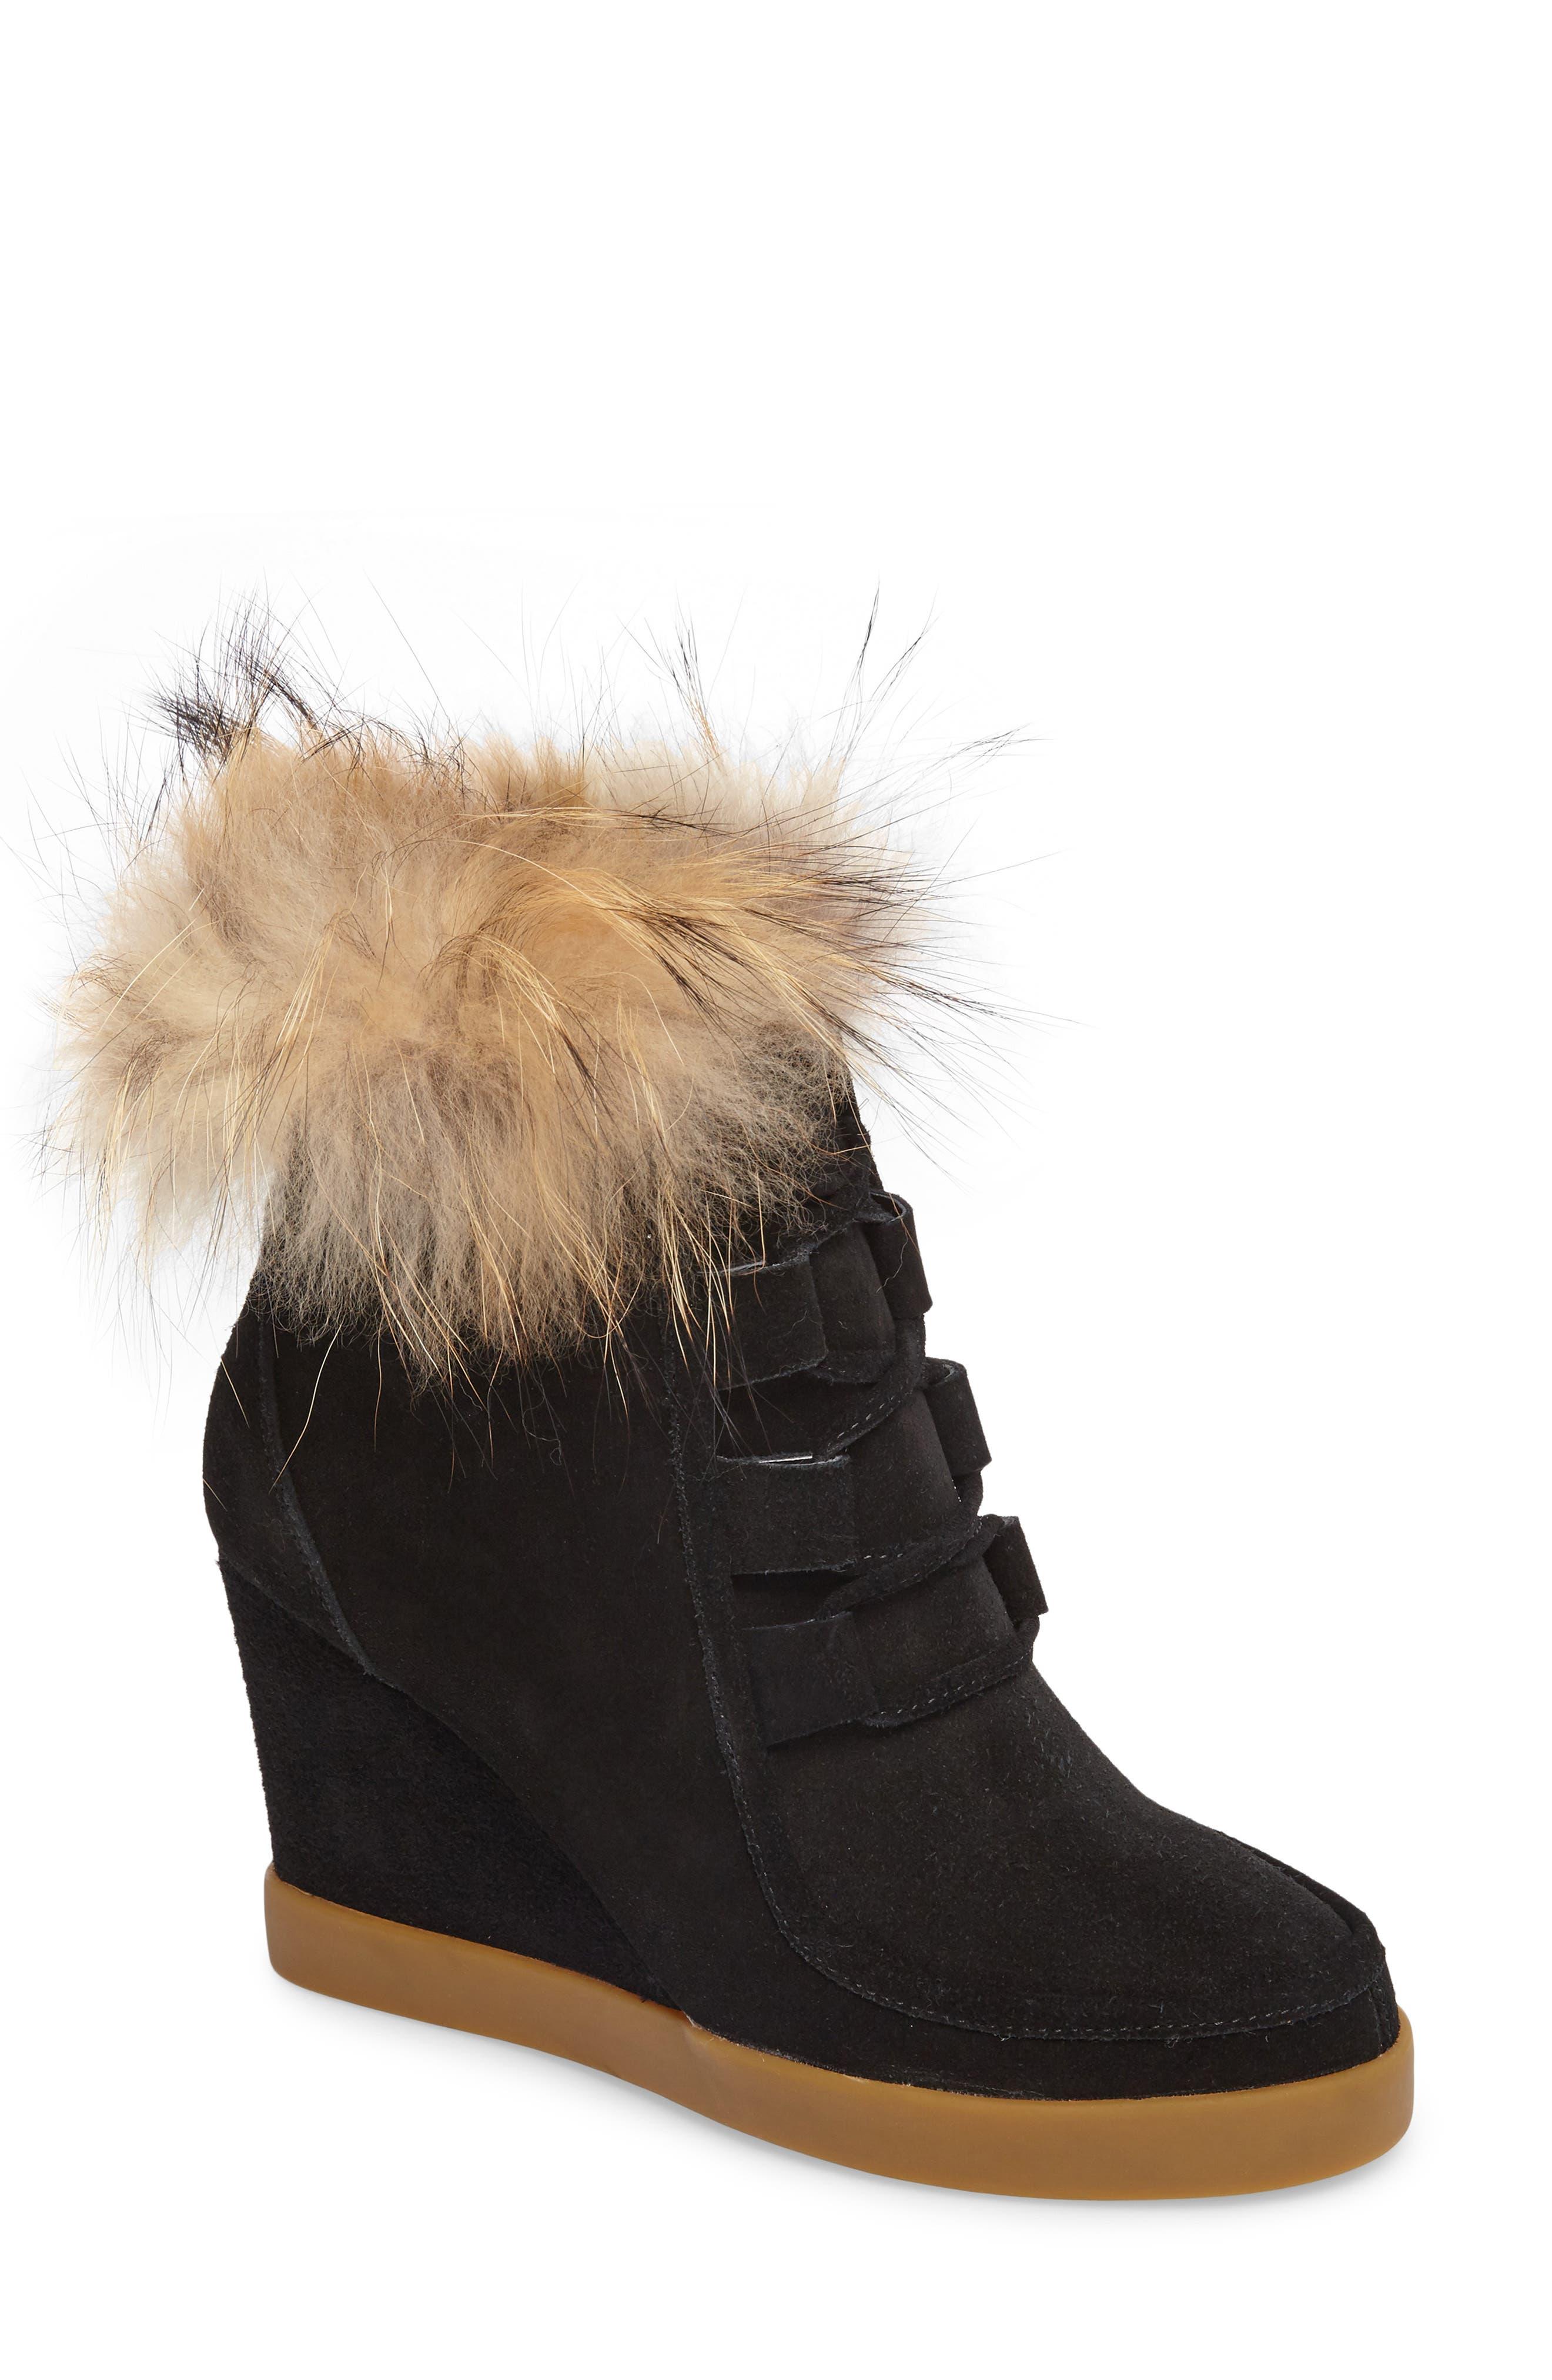 Cecelia New York Holly Wedge Bootie with Genuine Fox Fur Trim (Women)